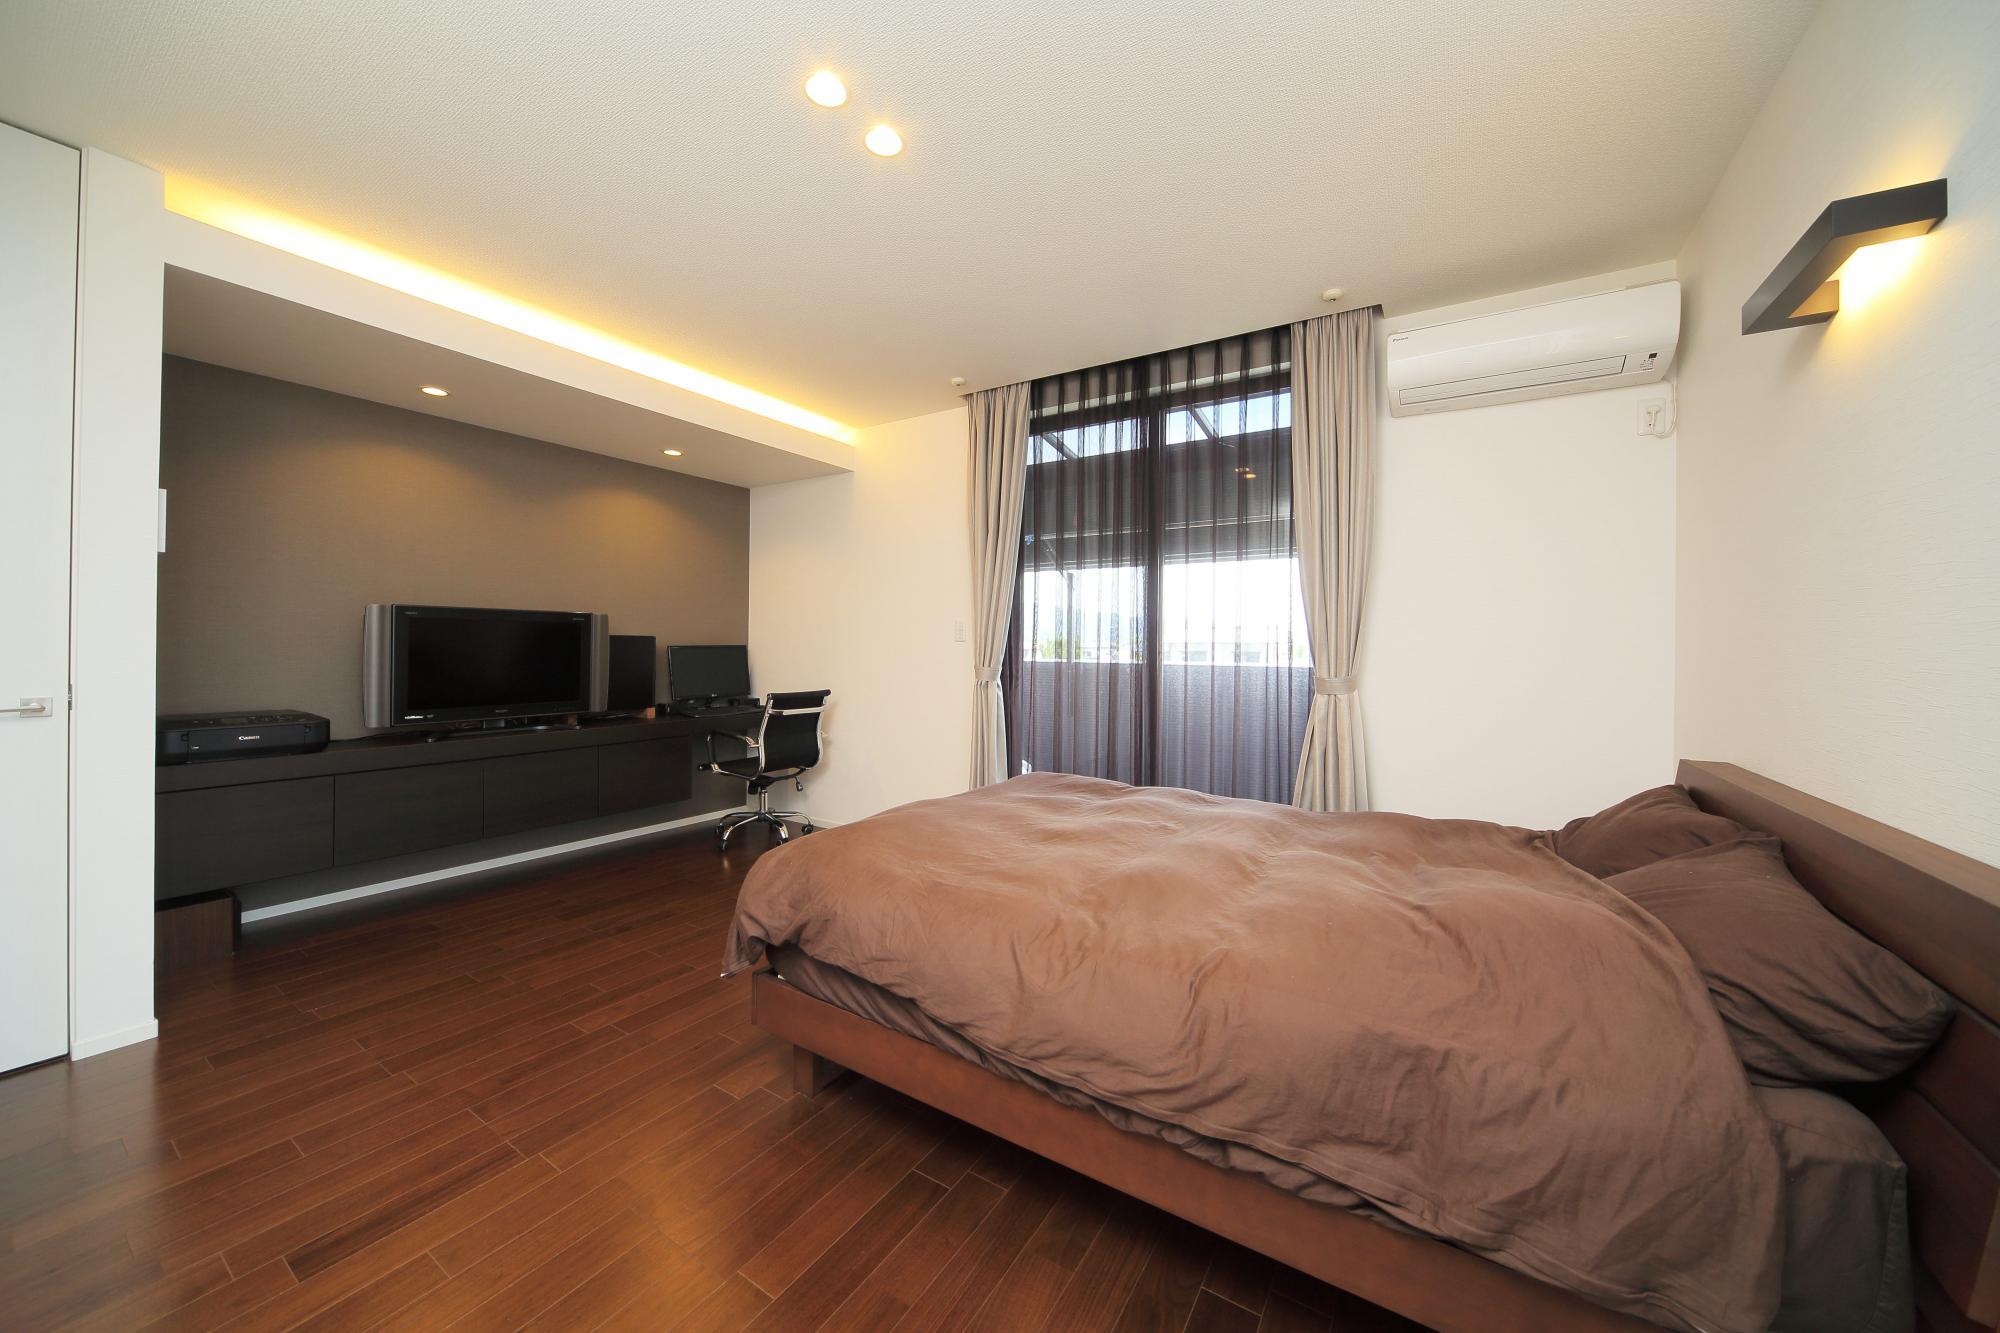 ご夫婦の寝室のアクセントタイルを貼った正面の壁には、TVやPCなどを置ける収納棚を造作。間接照明で落ち着いた雰囲気を出した。